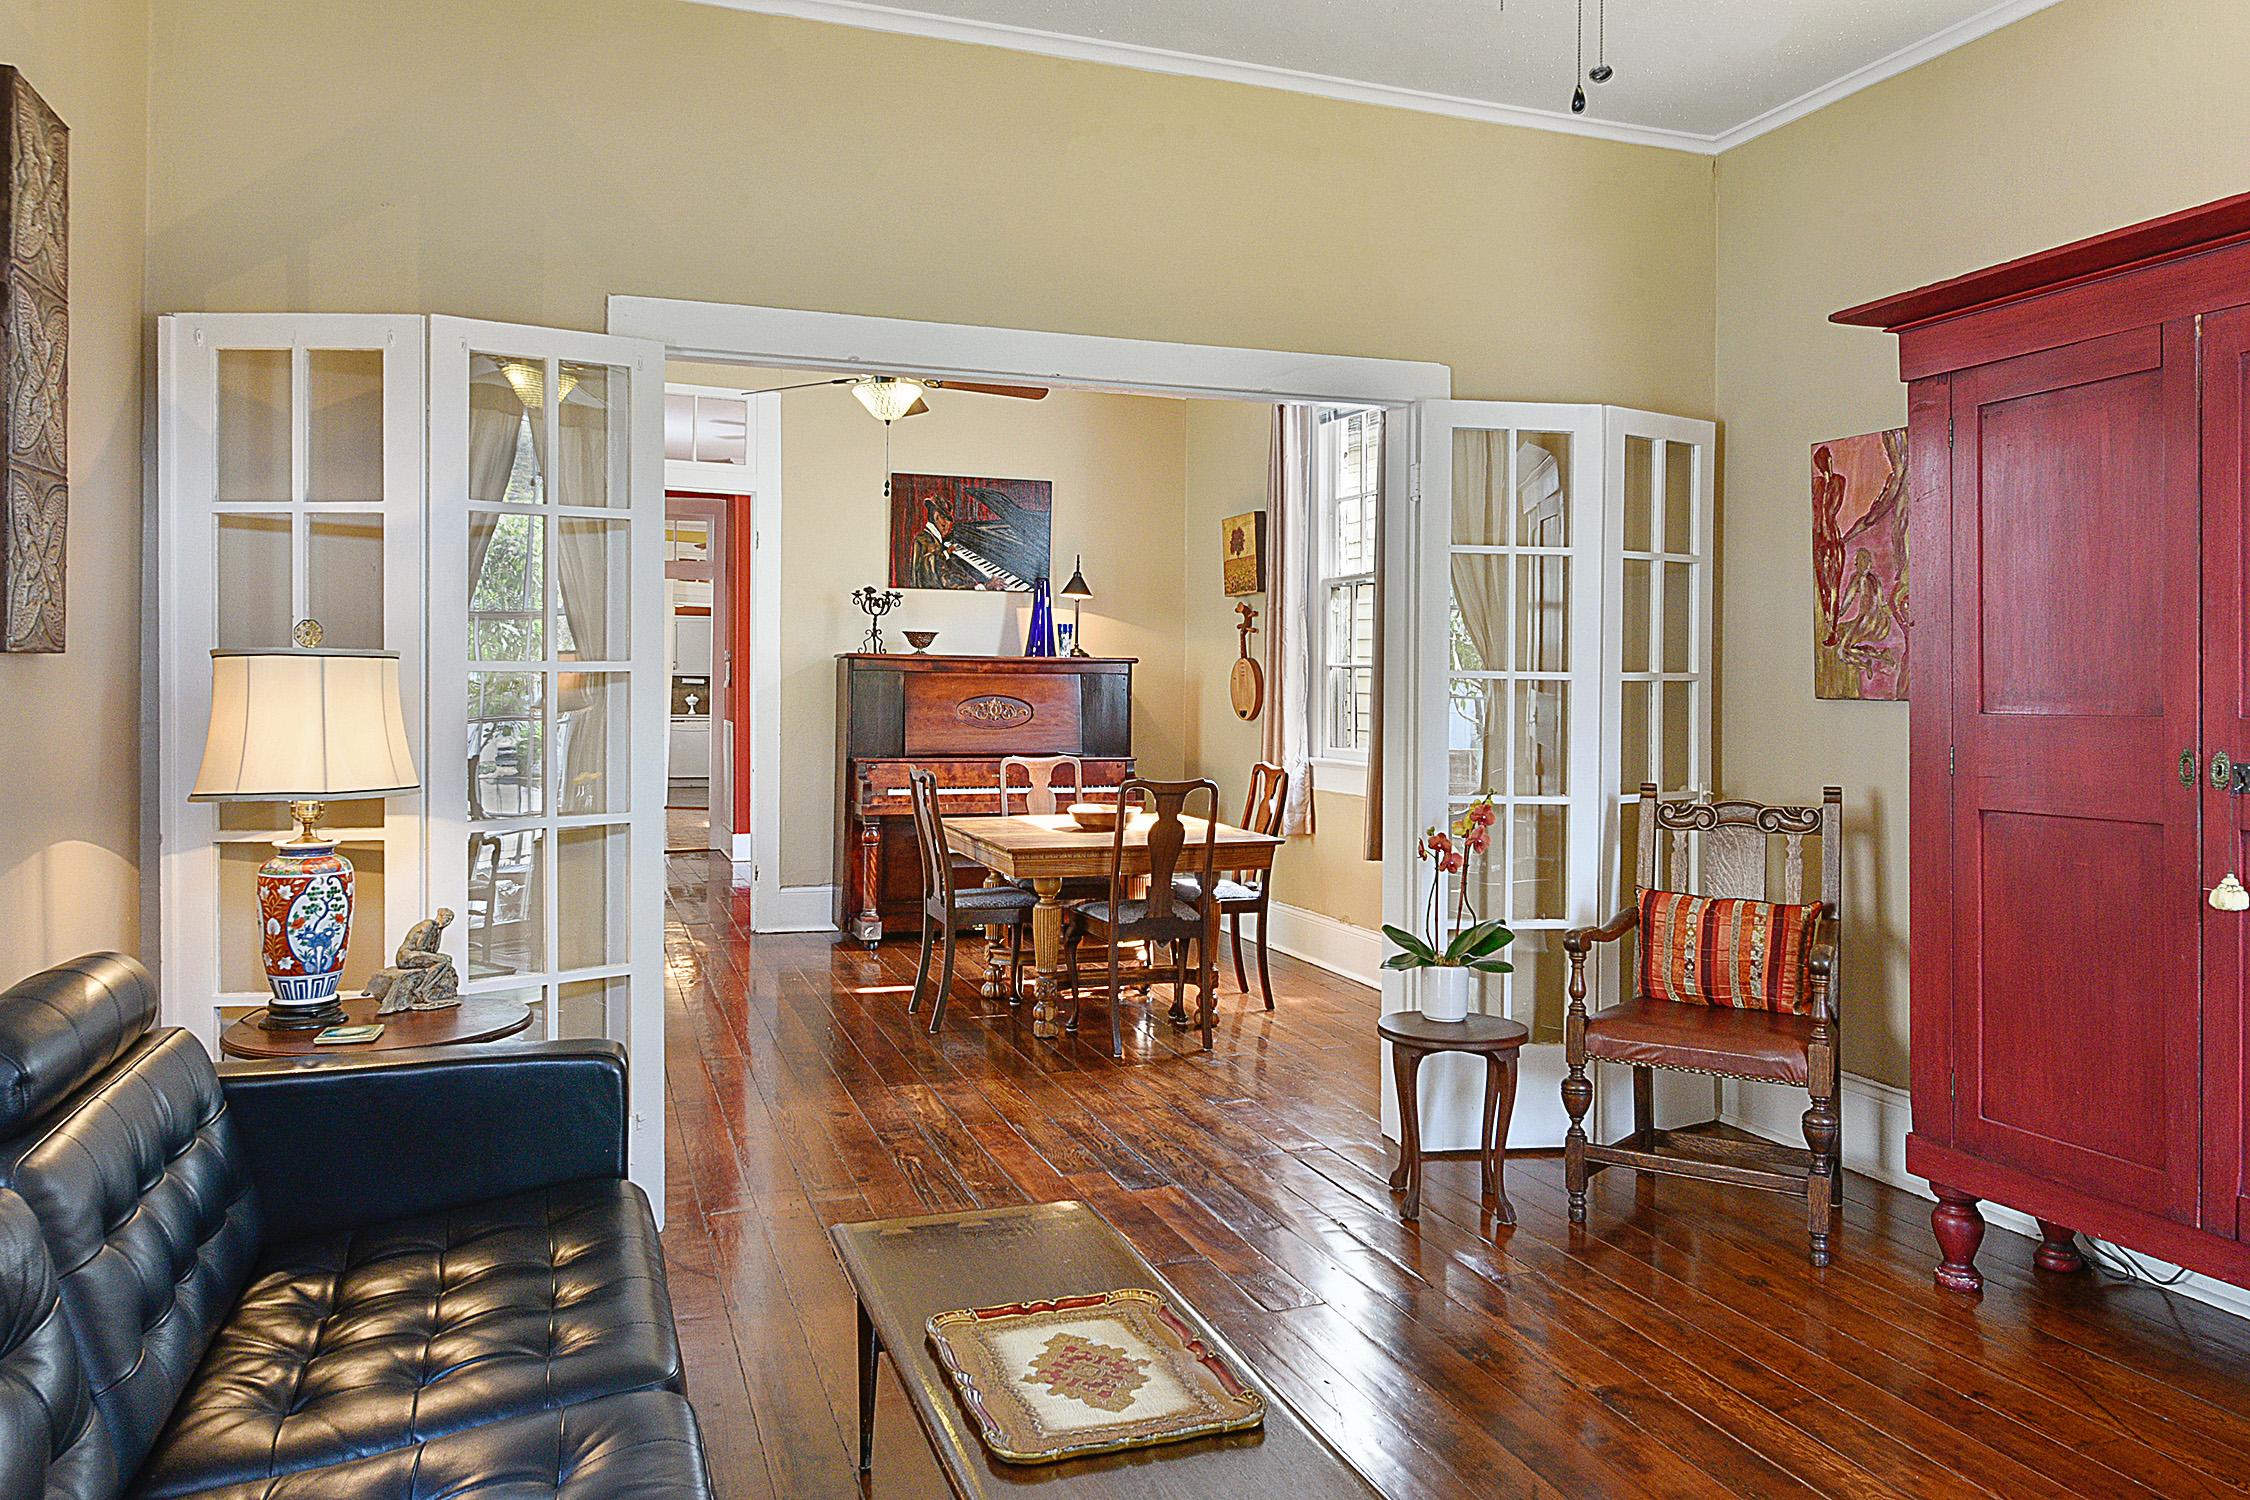 cozy victorian shotgun asks 365k curbed new orleans. Black Bedroom Furniture Sets. Home Design Ideas